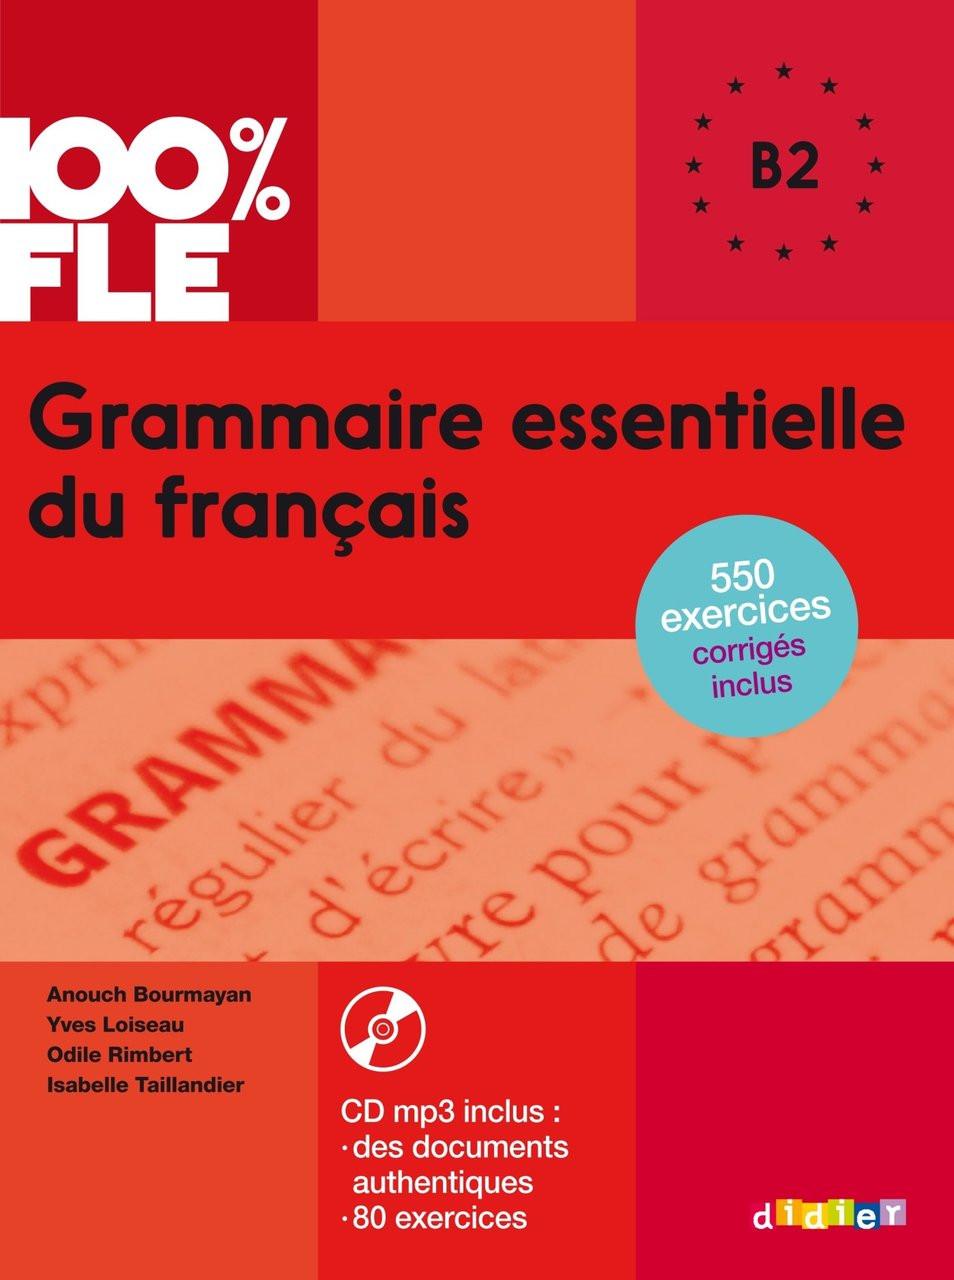 100 Fle Grammaire Essentielle Francais B2 Livre Cdmp3